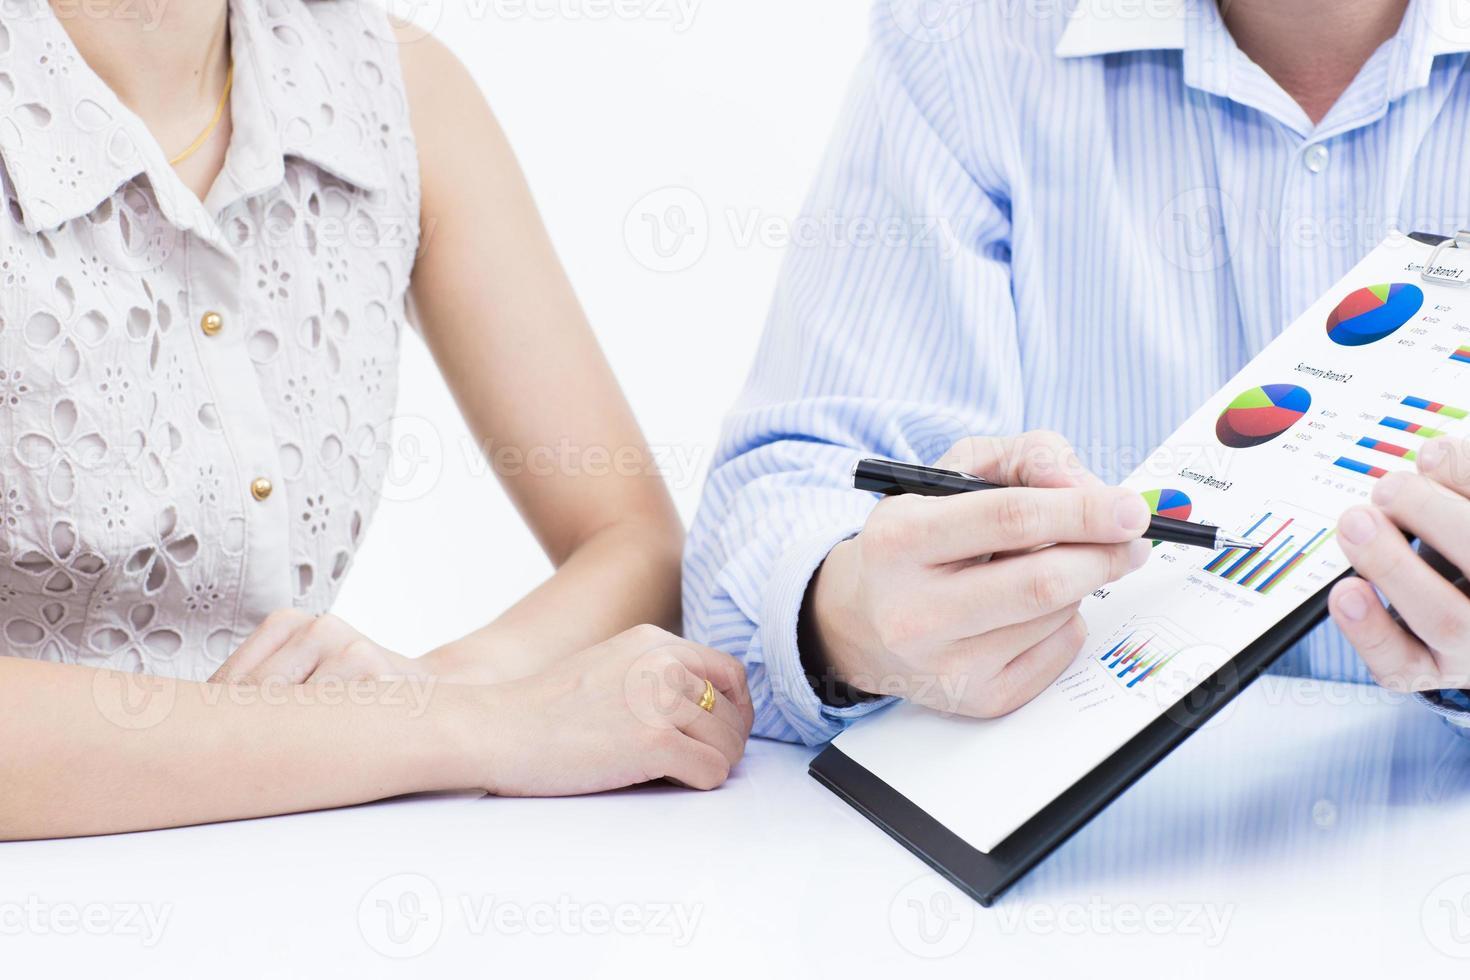 mensen uit het bedrijfsleven bespreken tijdens een bijeenkomst op tafel foto